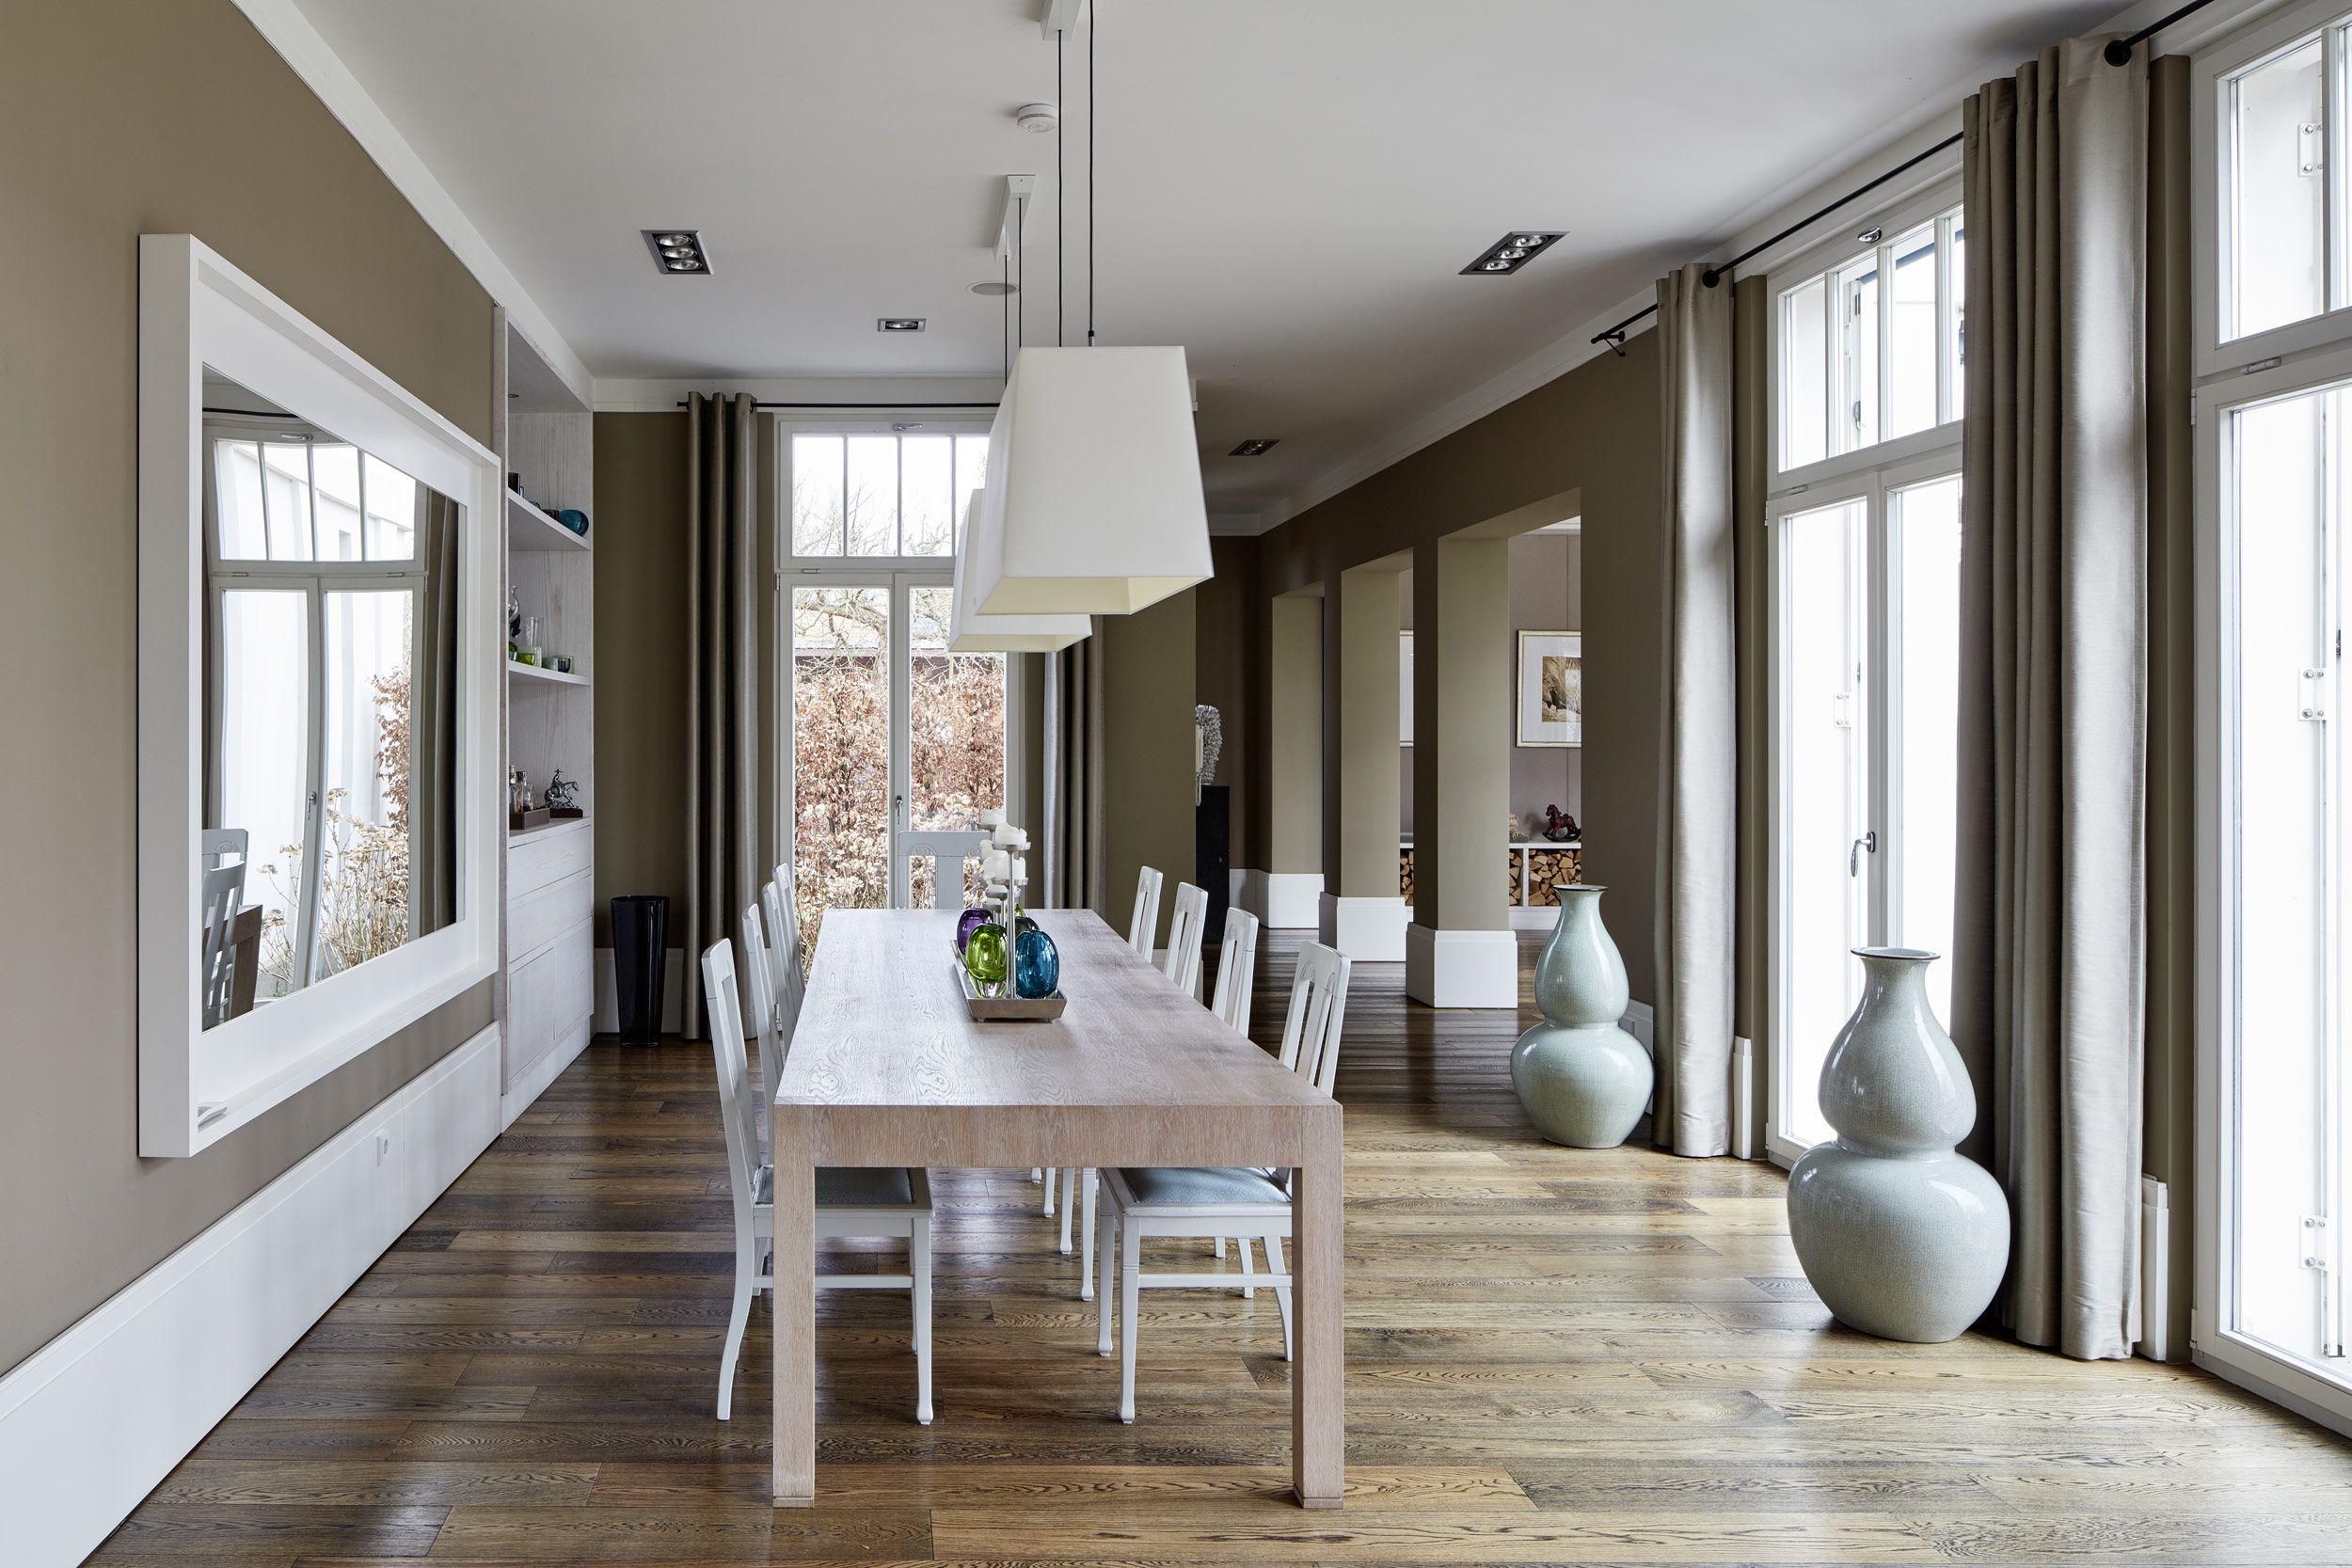 Neubau einer Villa in klassisch-traditioneller Architektursprache am ...